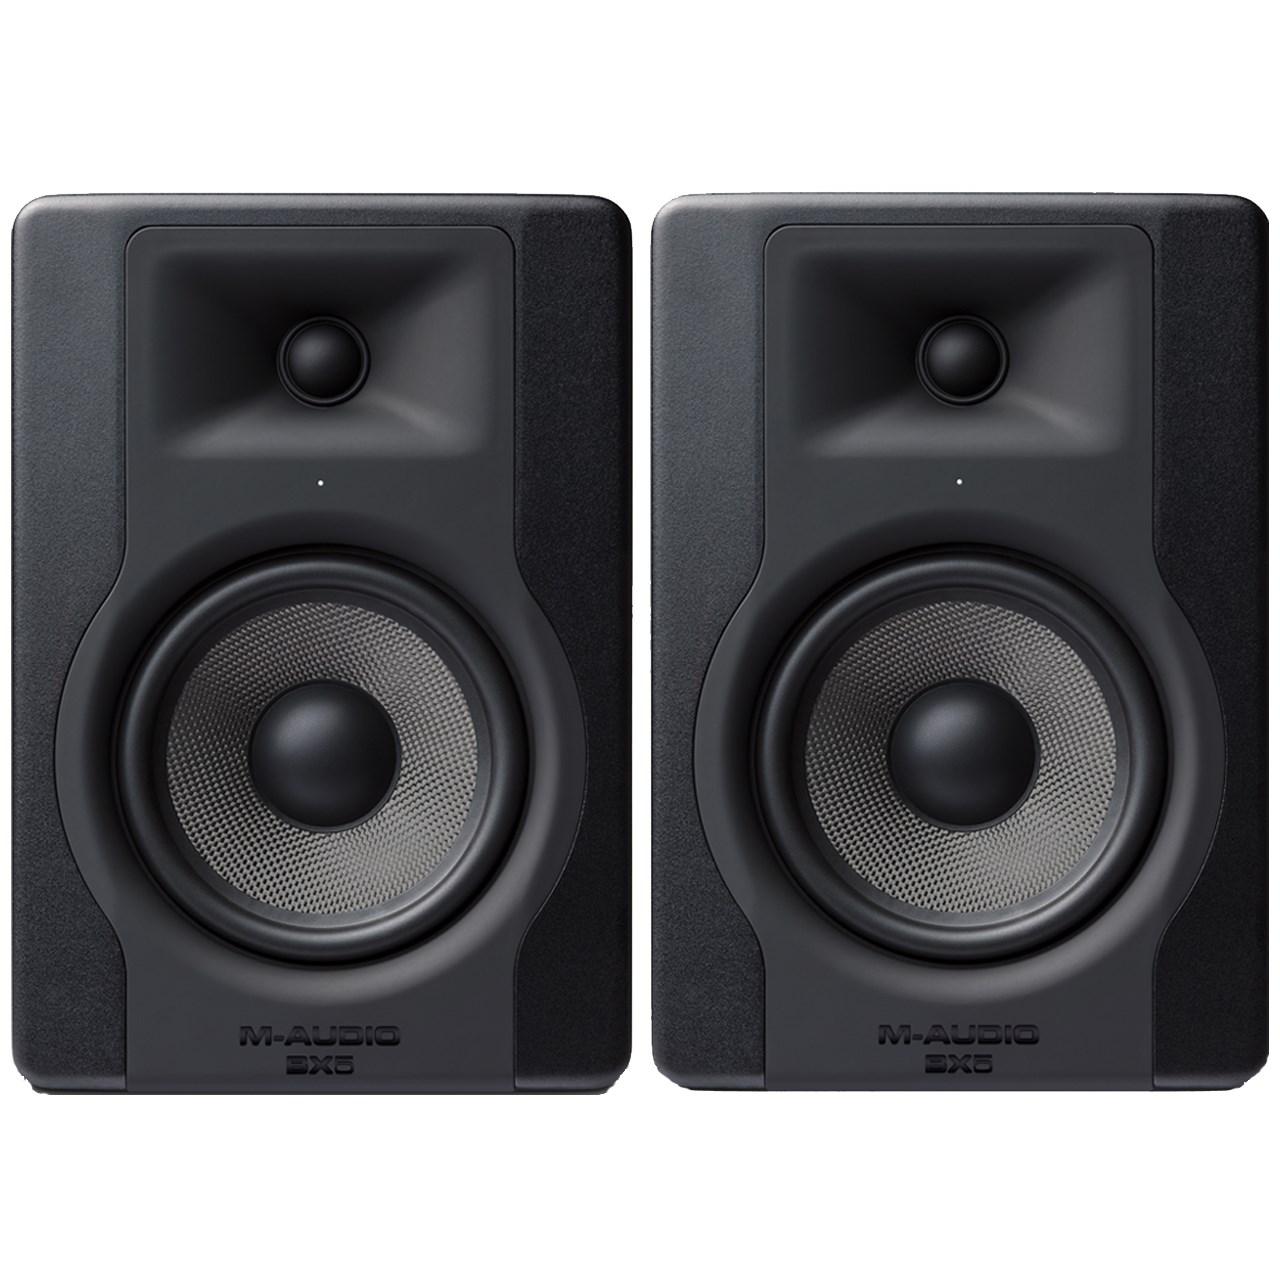 اسپیکر مانیتور استودیو ام-آدیو مدل BX5-D3